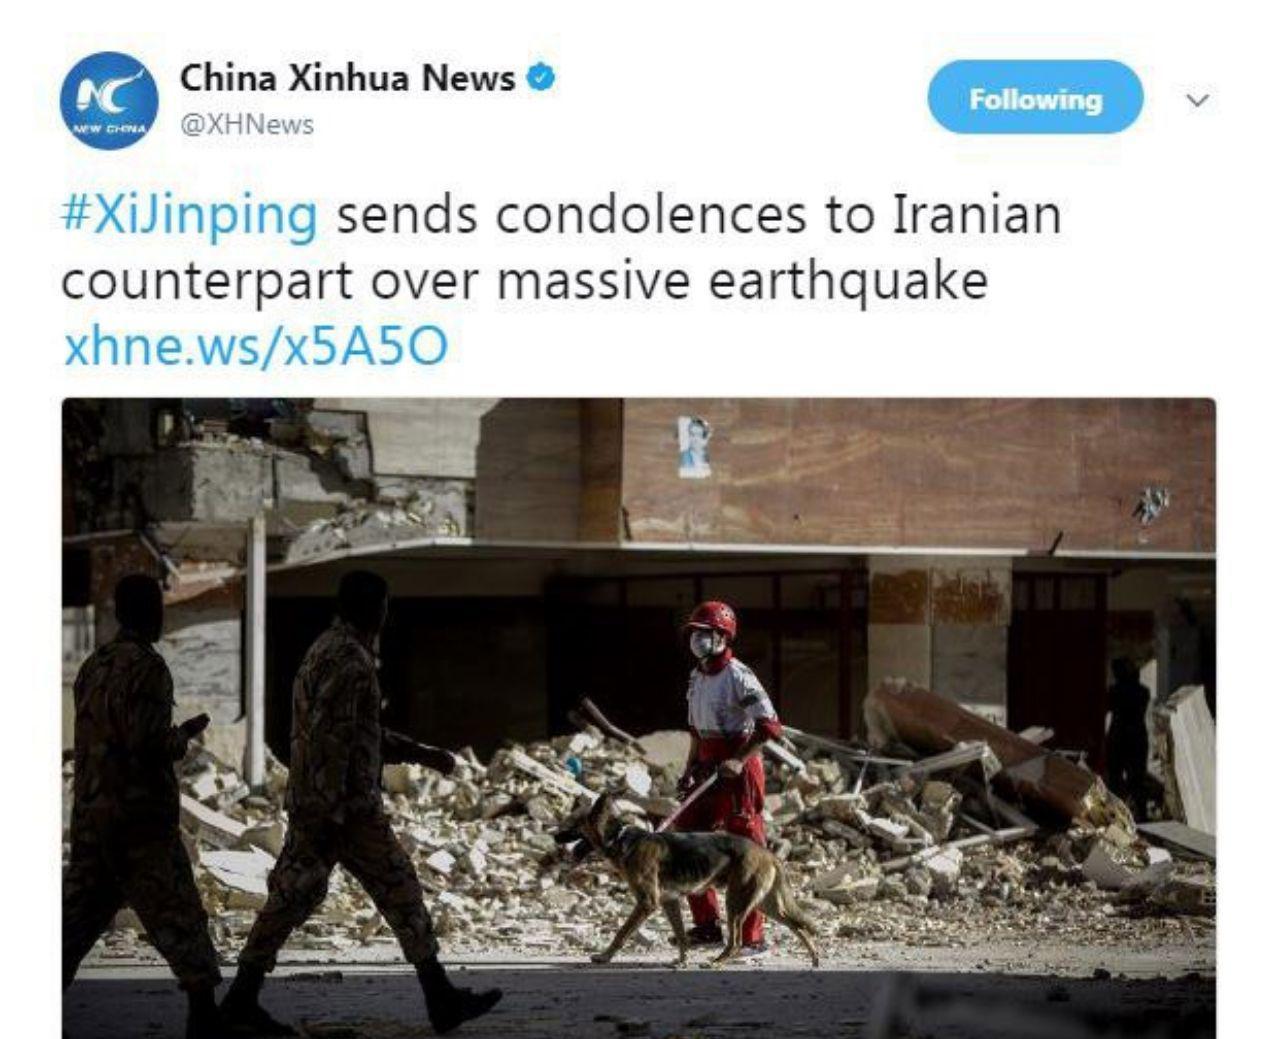 دفن بدون مجوز 100 نفر در زلزله کرمانشاه؛ آمار کشتهها دست کم 530 نفر/ ۱۲ هزار خانه صددرصد تخریب شده اند / سازمان امداد و نجات: بعید است کسی زیر آوار مانده باشد / توزیع ۸۳ هزار چادر و ۱۰۰ هزار تخته پتو +فیلم